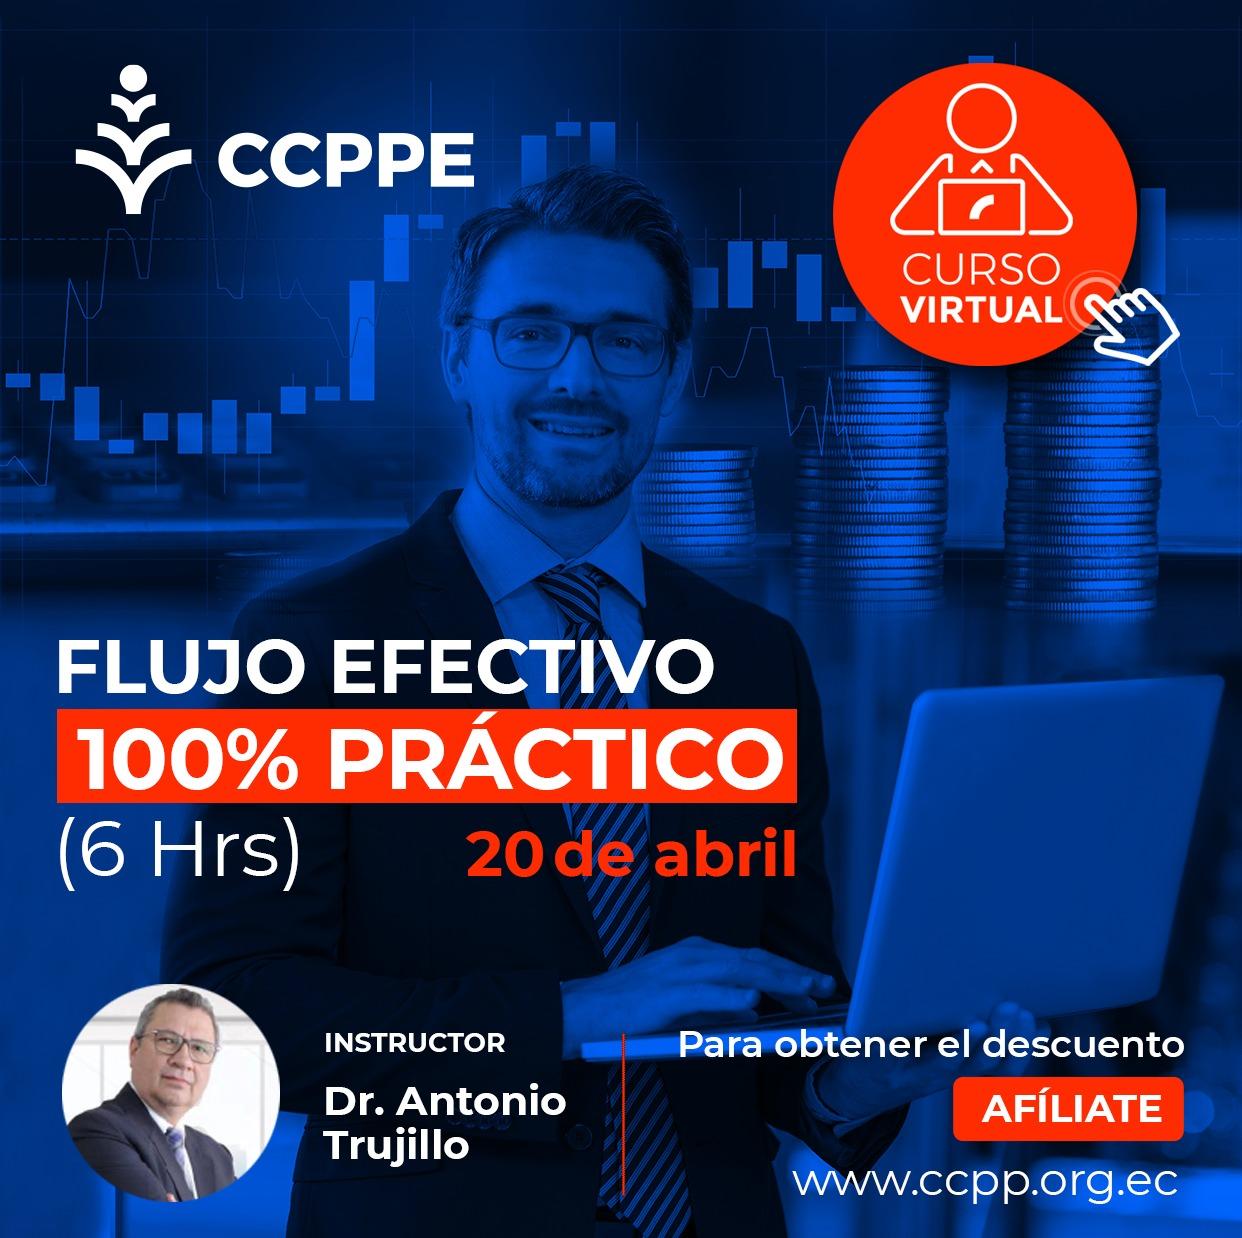 FLUJO DE EFECTIVO - 21 al 23 ABRIL 2020